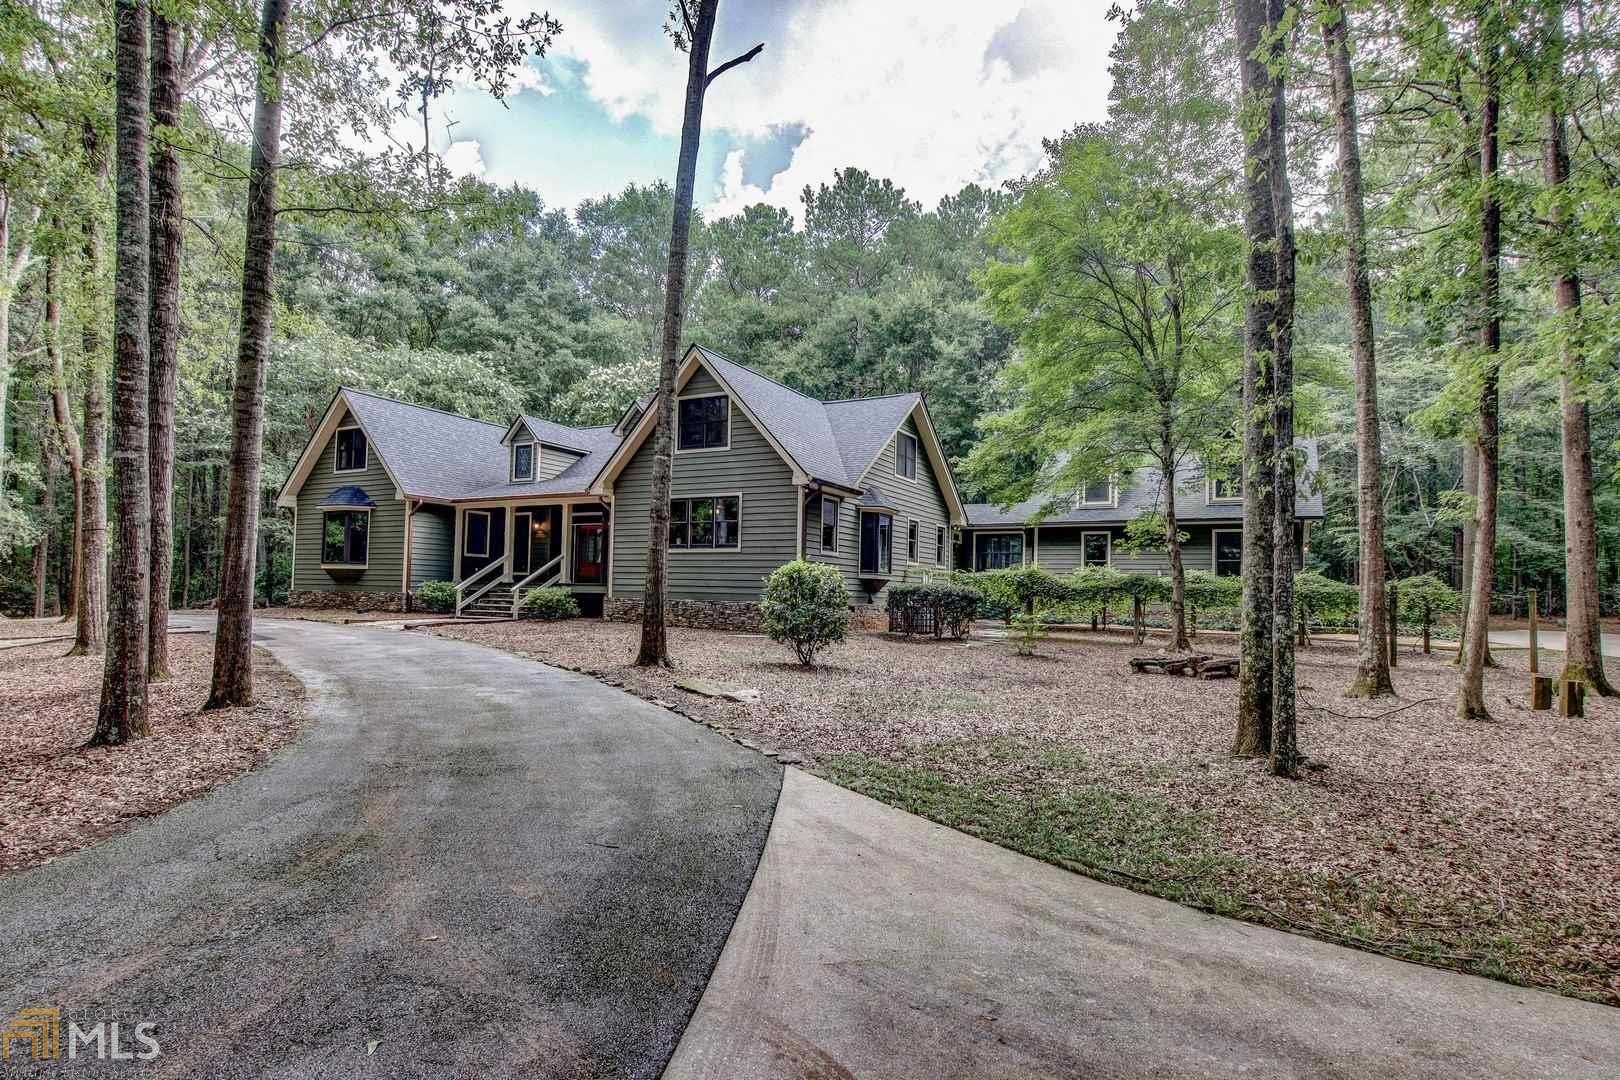 8147 Forest Dr, Covington, GA 30014 - #: 8833320